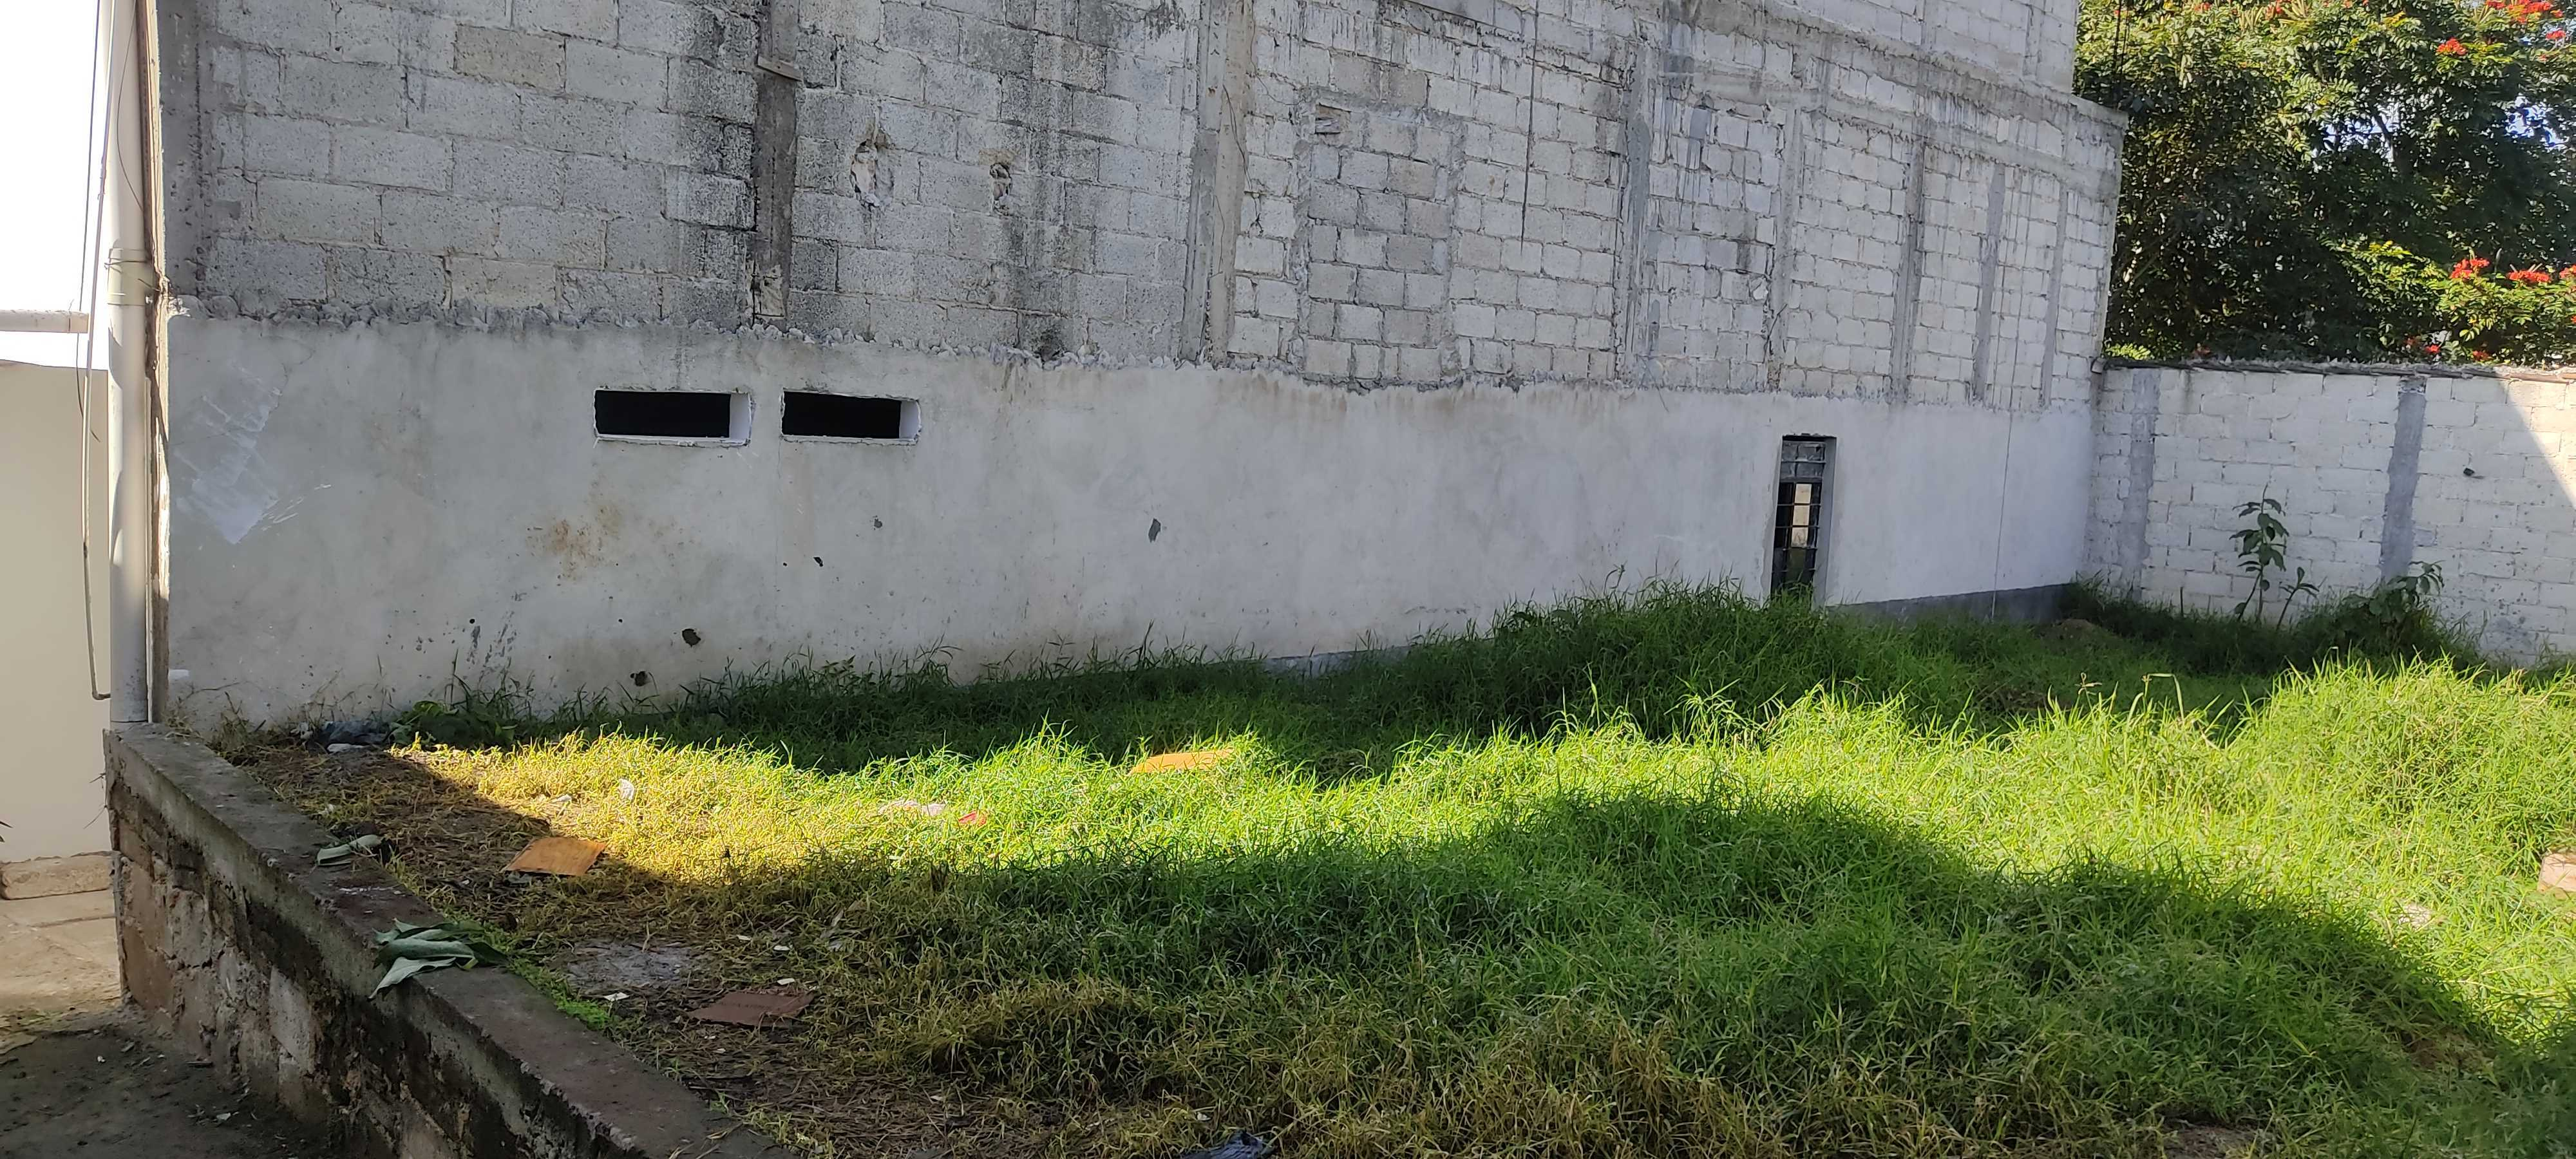 VENTA DE TERRENO EN CALLE LIBERTAD ZONA CAMPO VIEJO COATEPEC VER 120m2